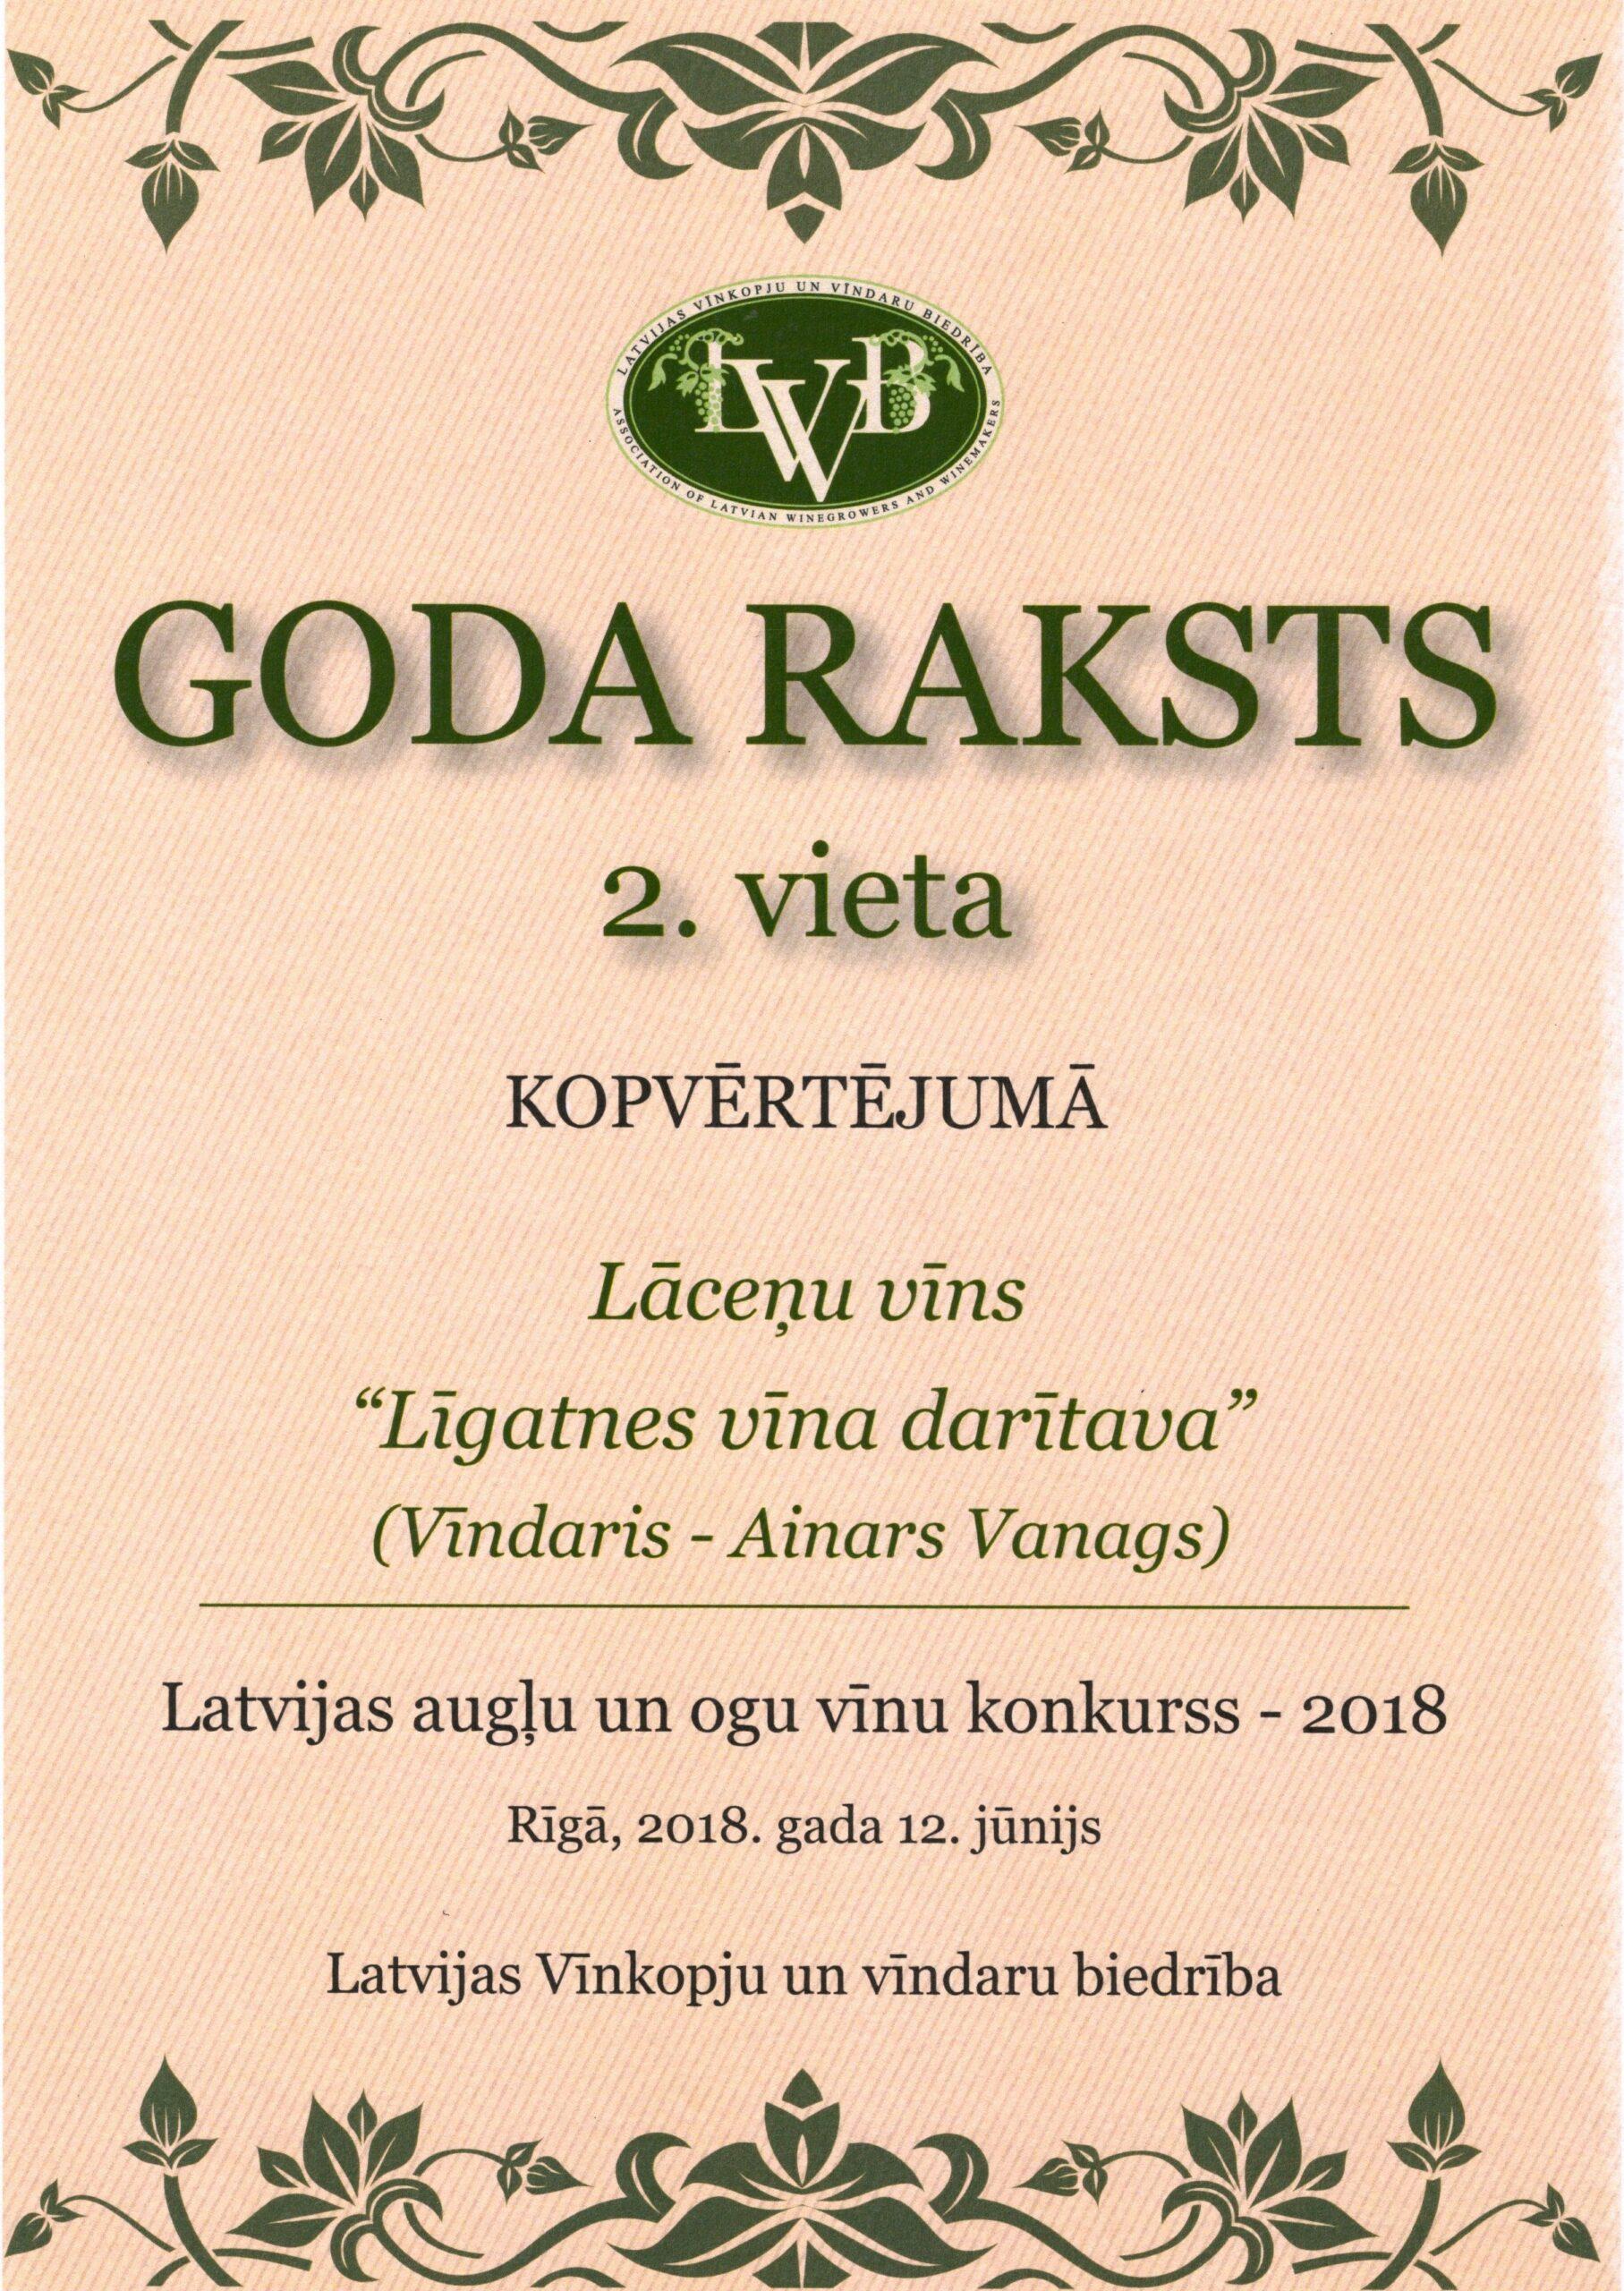 LVB 2.vieta kopvērtējumā Lāceņu vīns